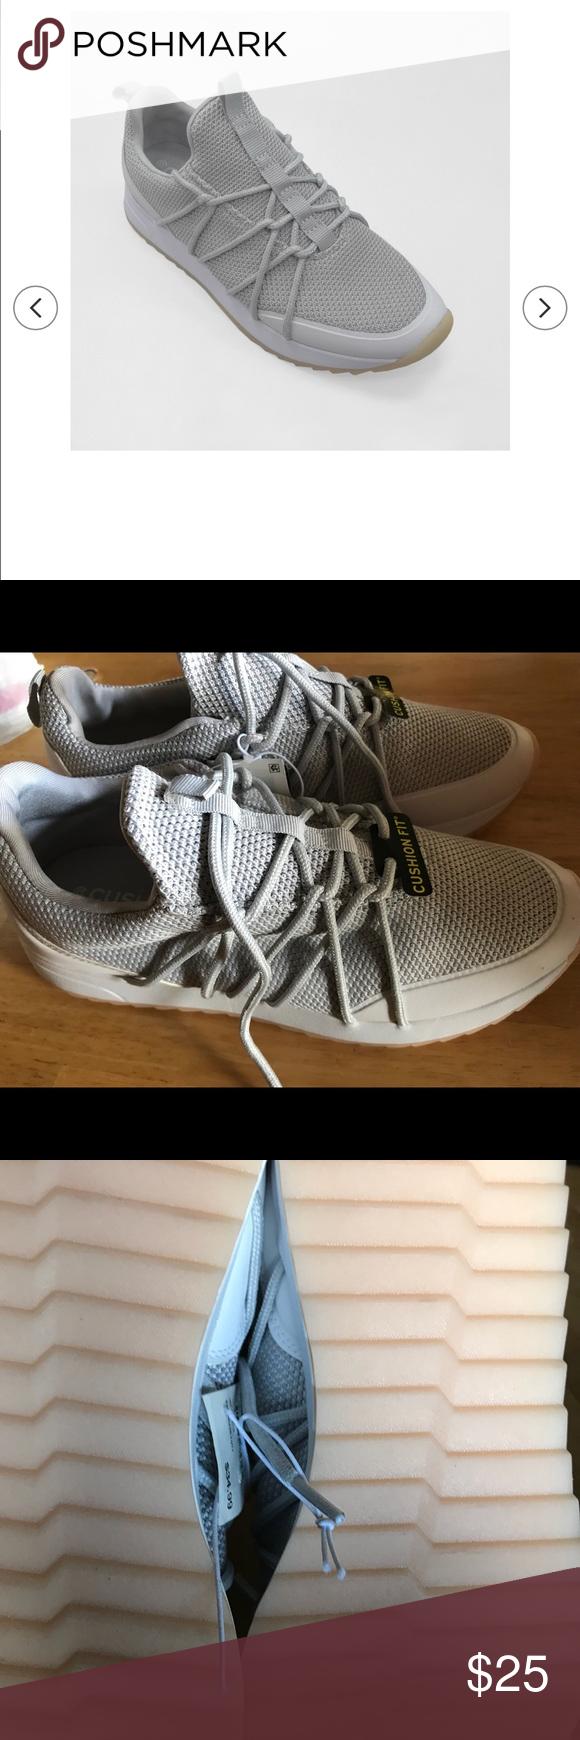 ec8c99c685de88 Champion C9 Interval Cushion Fit Size 10 NWT Champion Shoes Sneakers